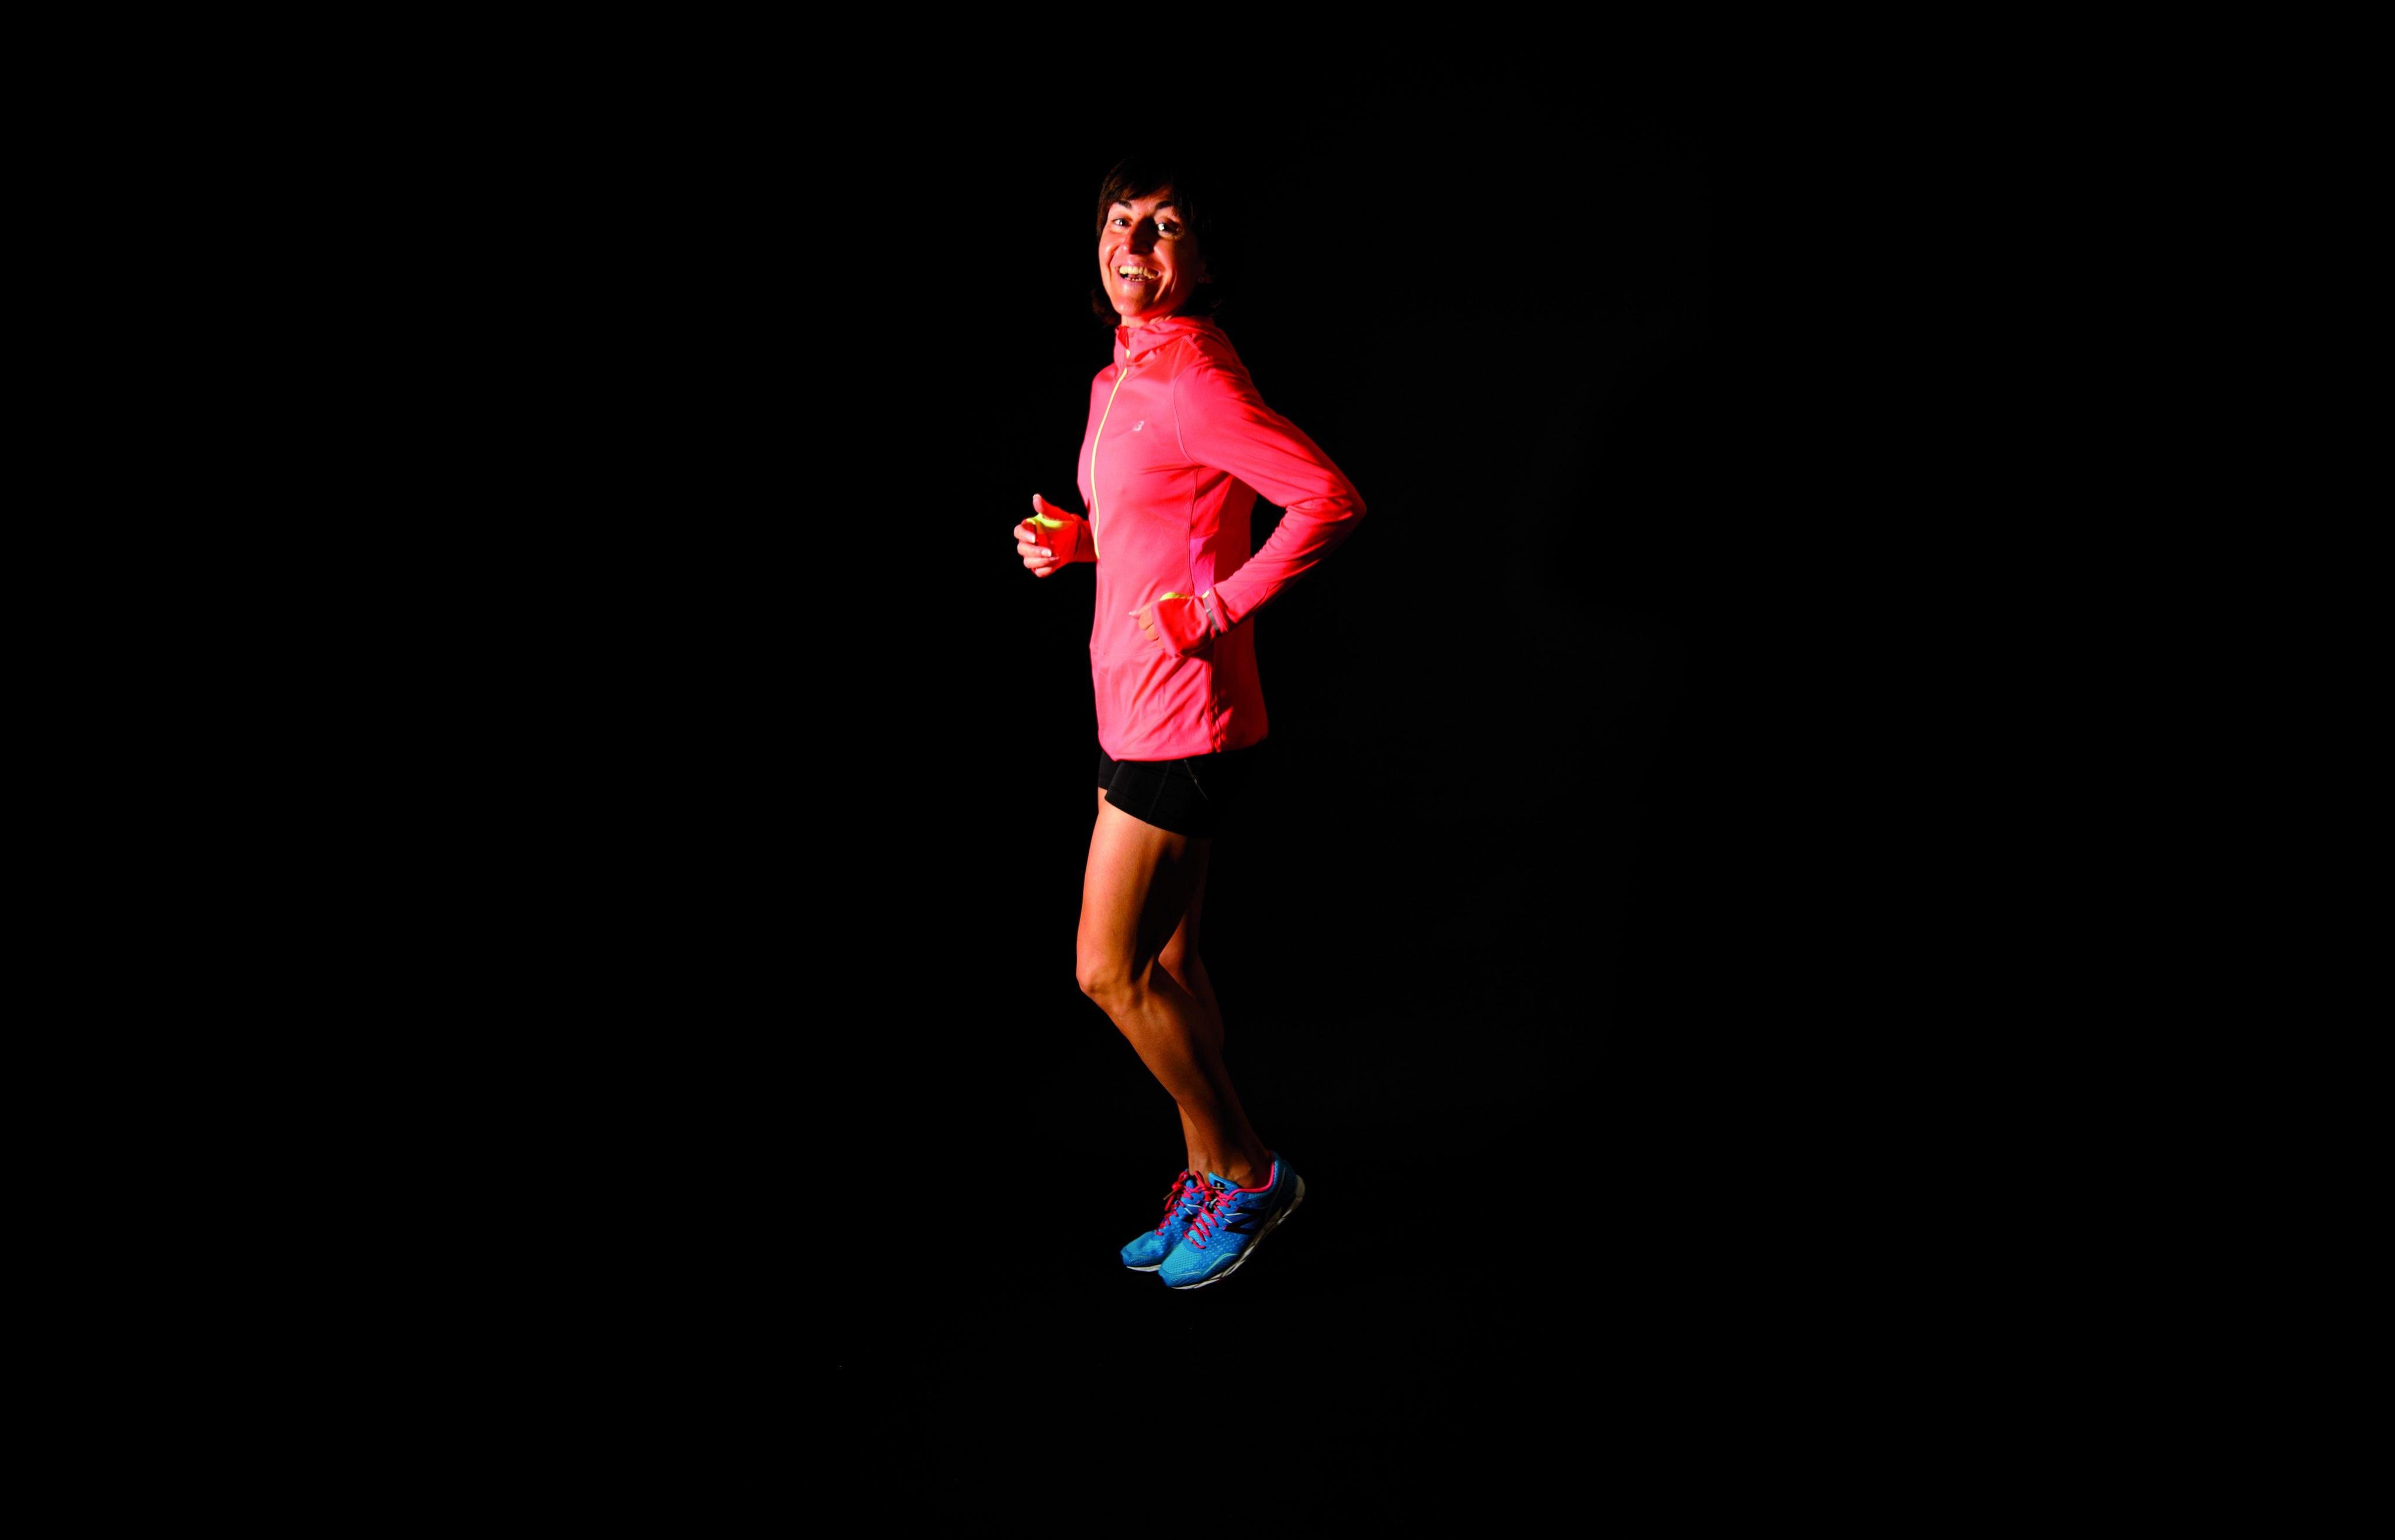 Vente des vins de Nuits, un semi-marathon au top féminin